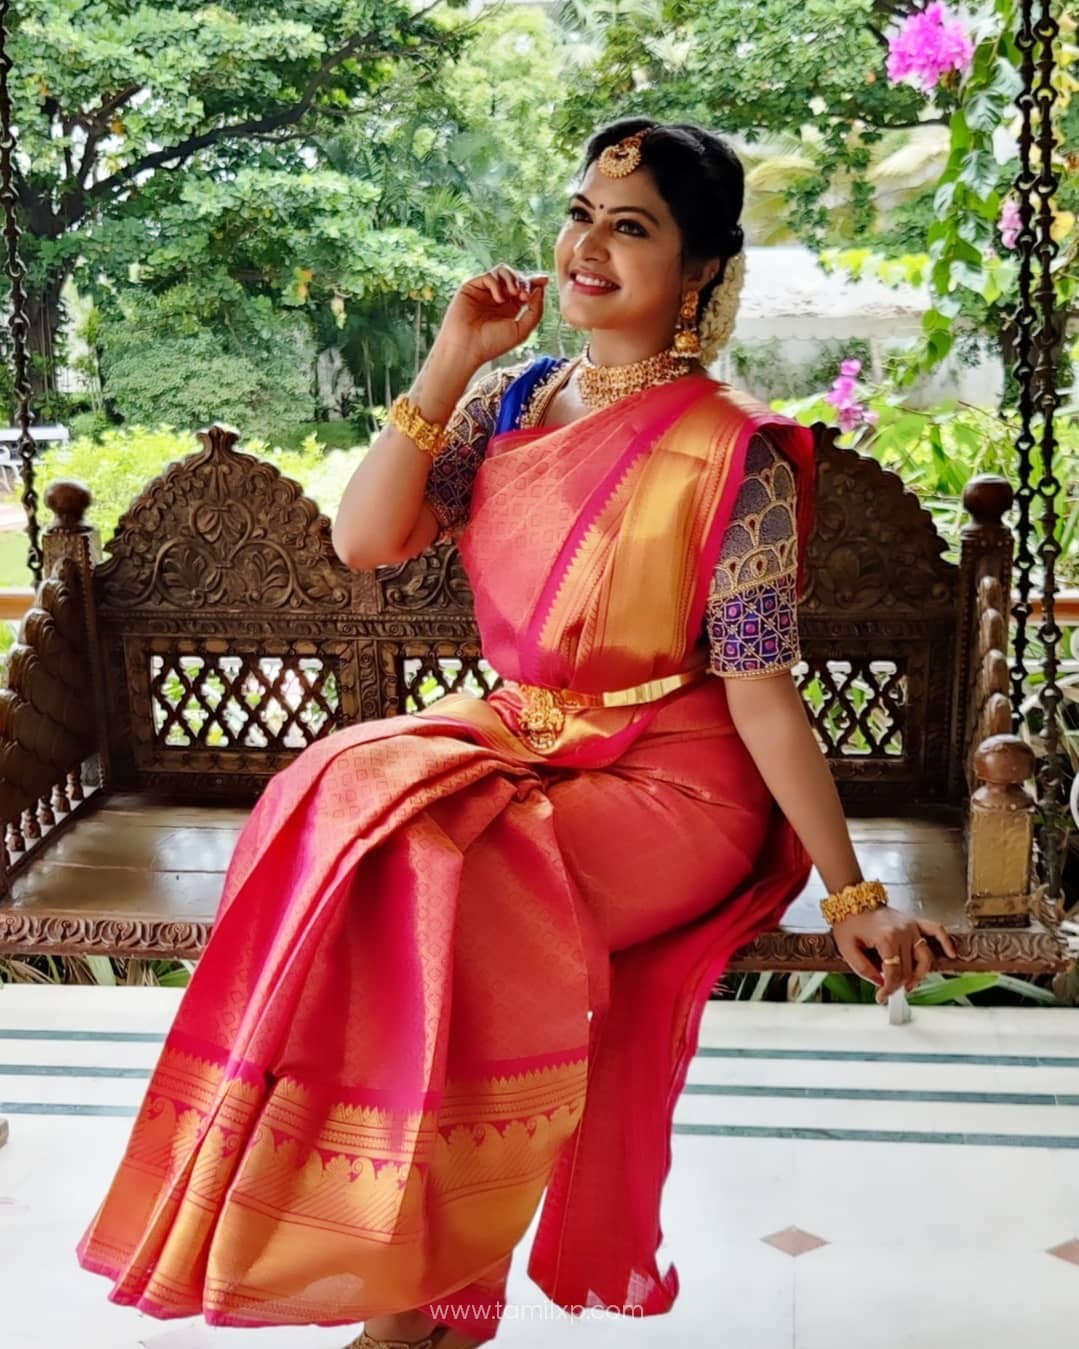 Actress Rachitha Mahalakshmi